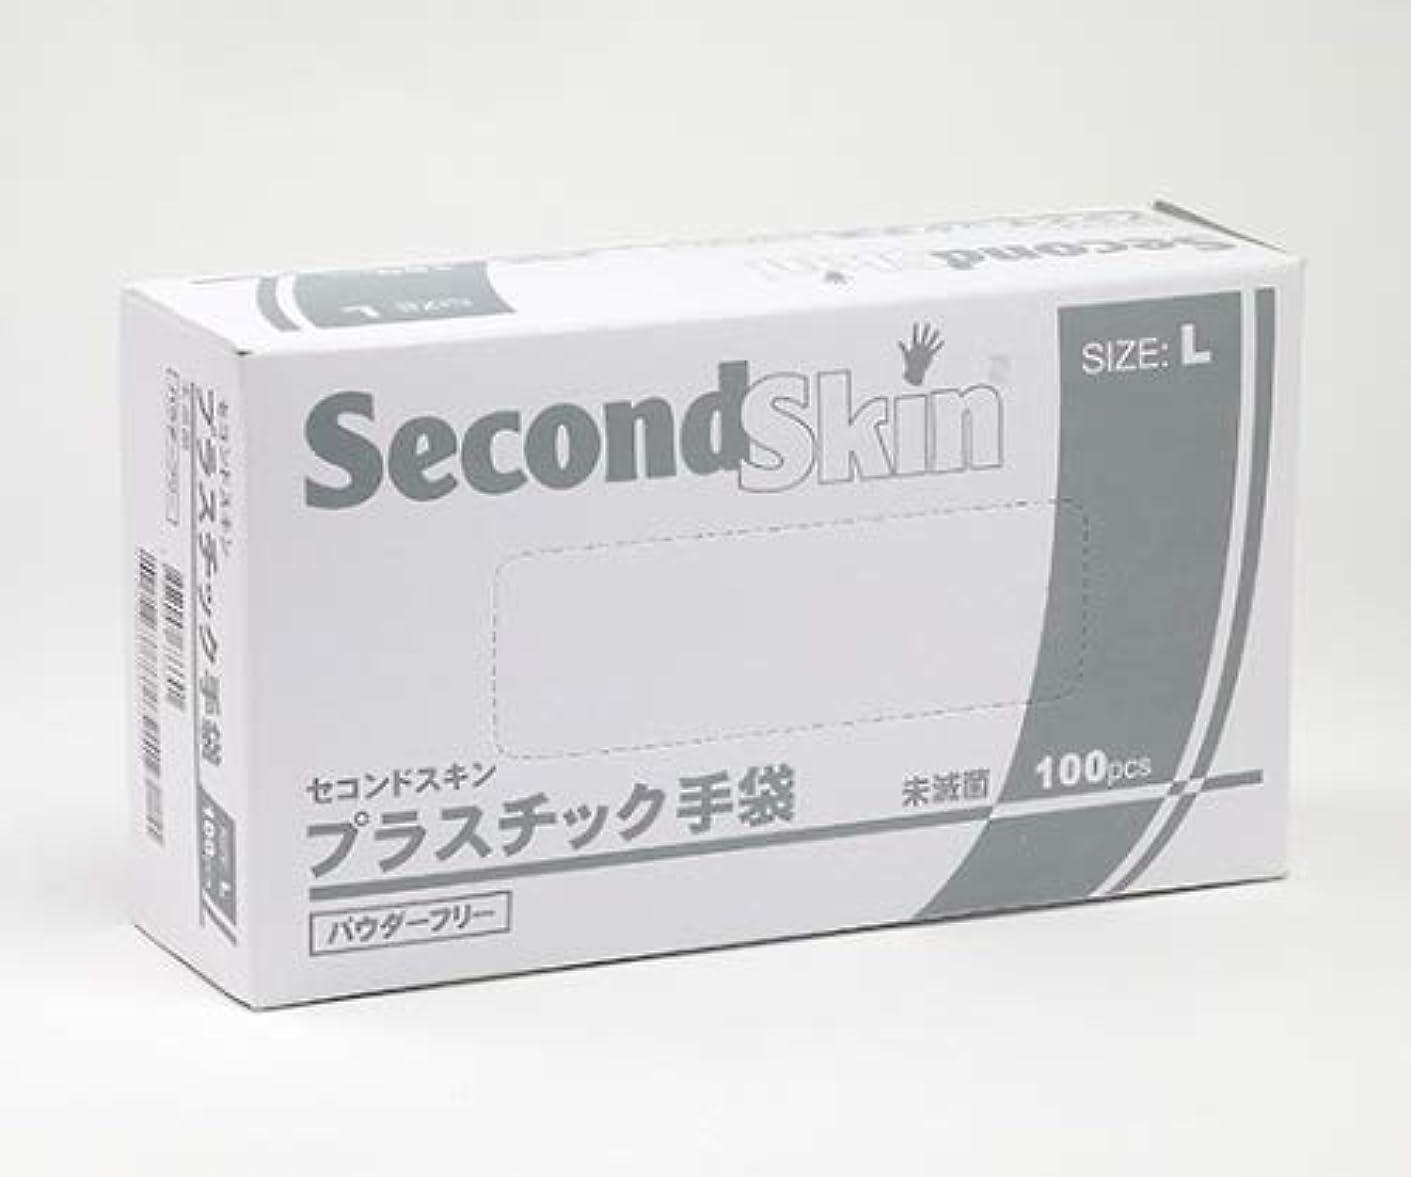 感心するラメ凝縮する1209D セコンドスキン プラスチック手袋 パウダーフリー 100枚入 Lサイズ